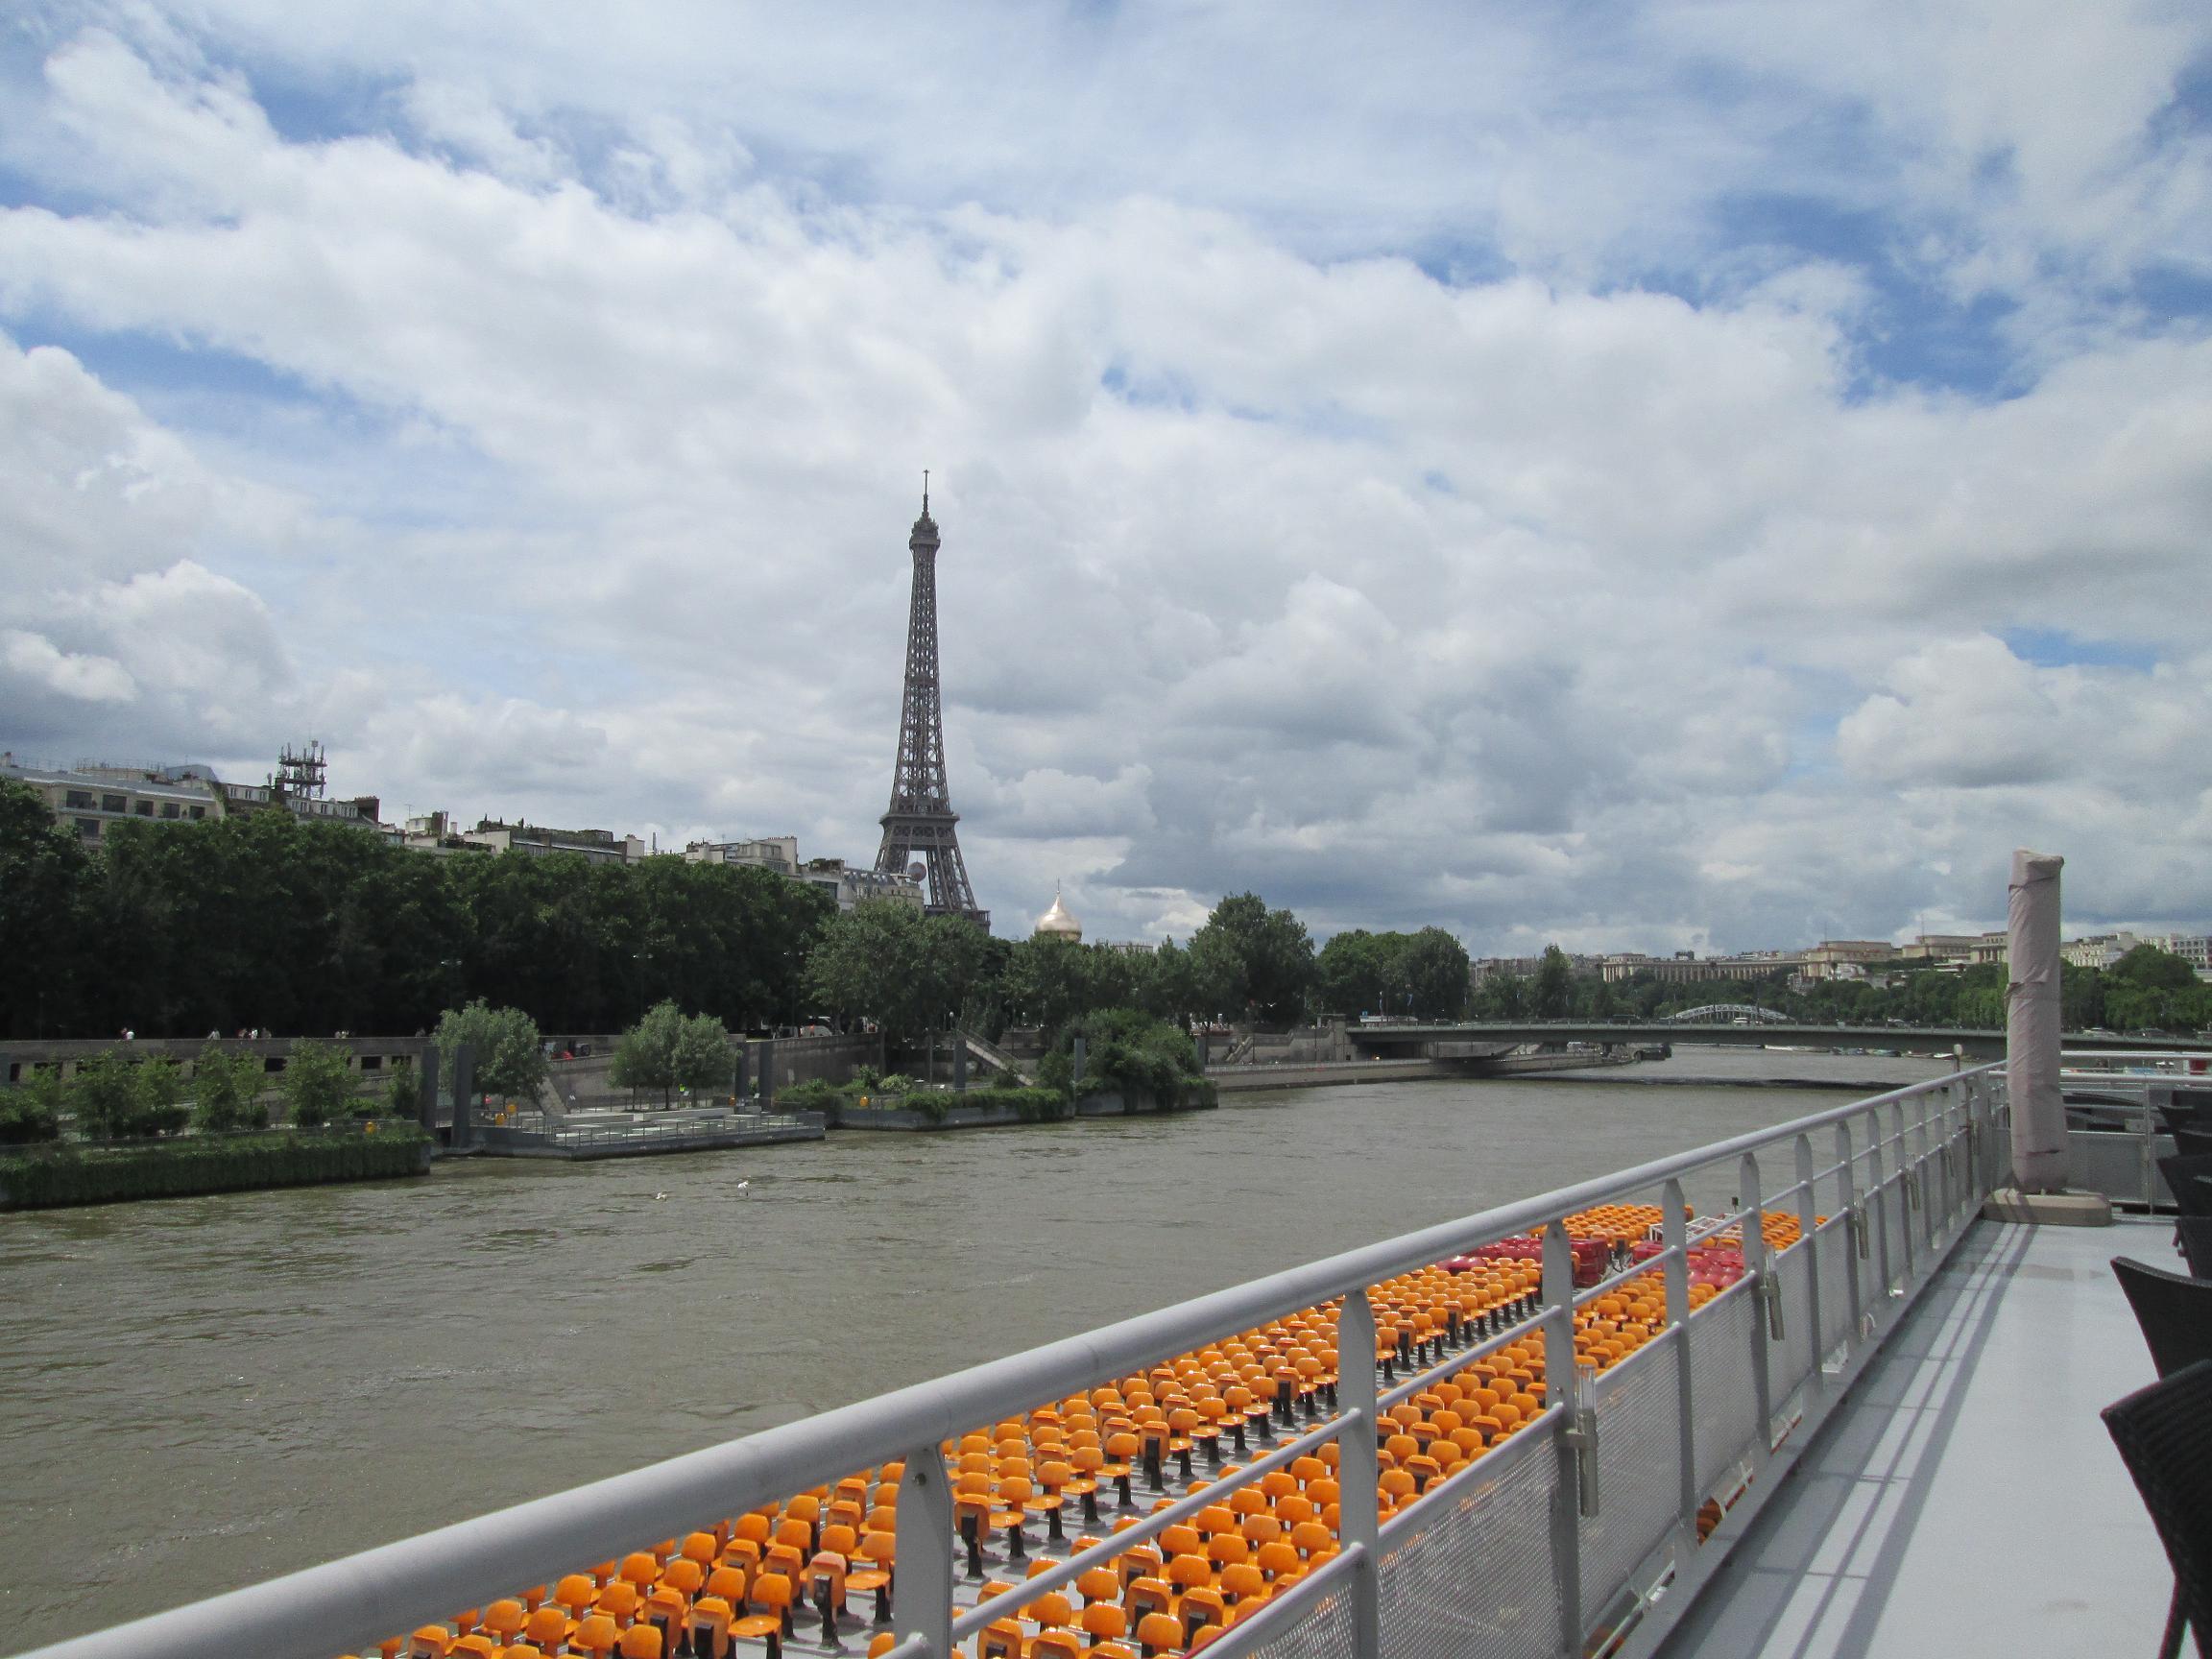 La Seine et la Tour Eiffel vues le 14 juin de l'embarcadère des Bateaux Mouches. Un ciel  bas. La Seine n'a toujours pas retrouvé son cours normal. Certaines compagnies de croisières reprennent leurs itinéraires - Photo MS